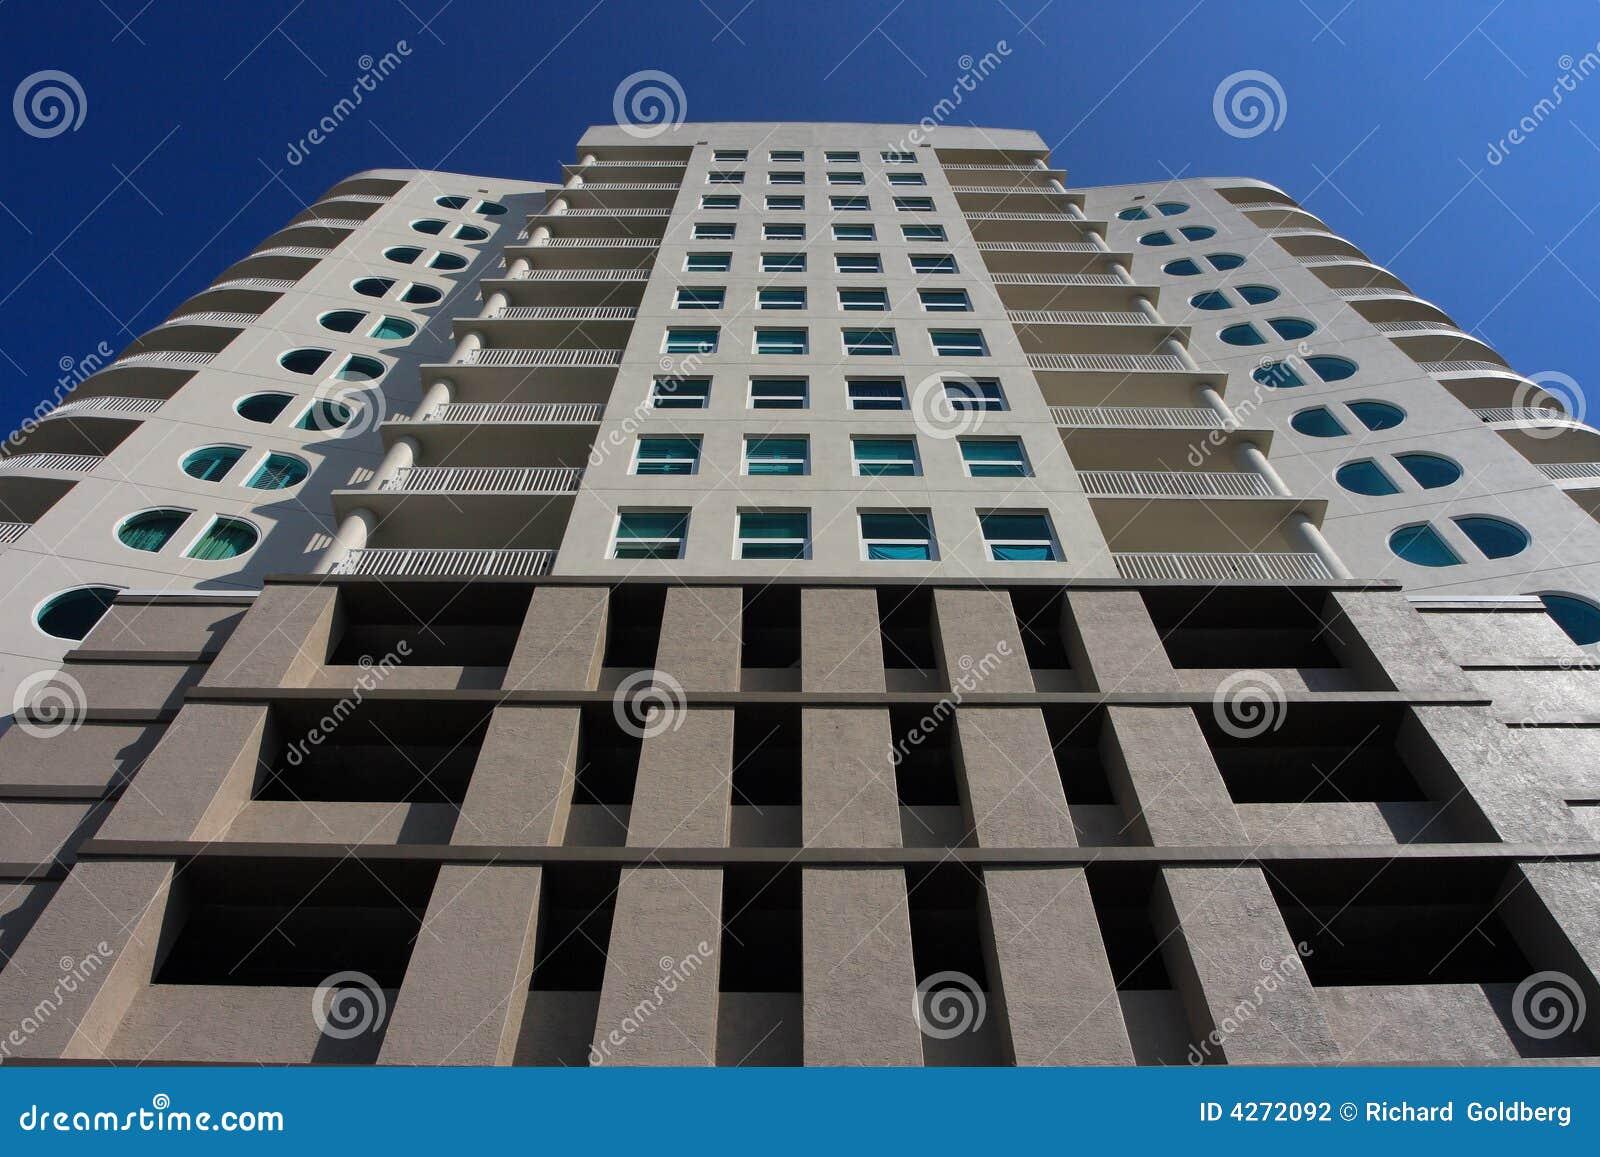 Moderne Kunst Deco Architektur Stockfoto - Bild von wohnung, aufsatz ...